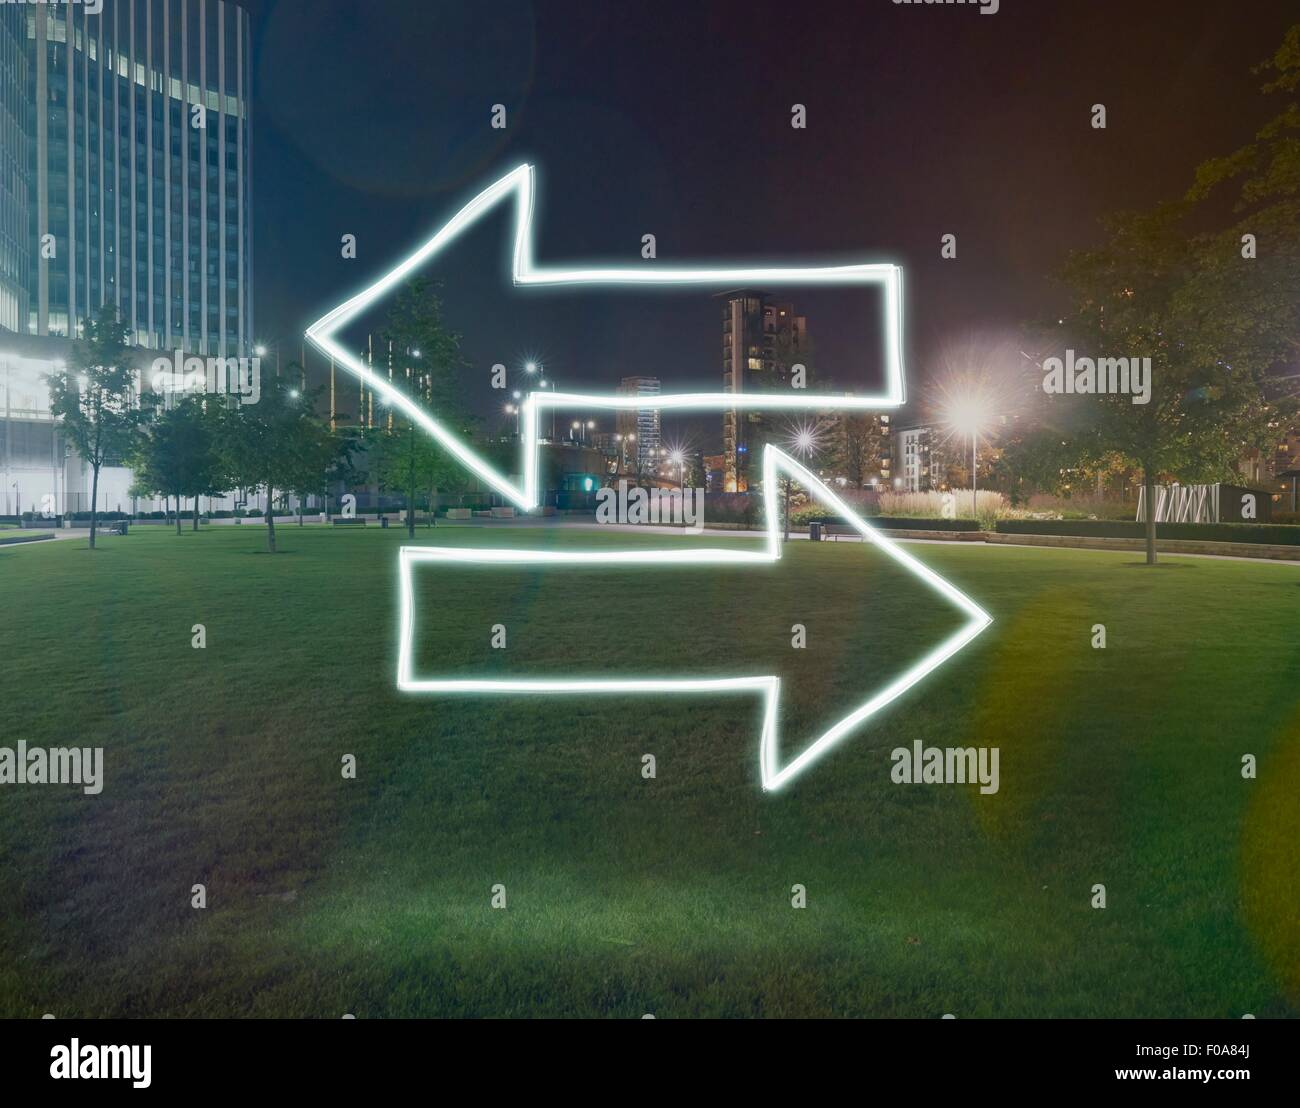 Glühende Richtungspfeile zeigen entgegengesetzte Richtungen in der Nacht, London, UK Stockbild